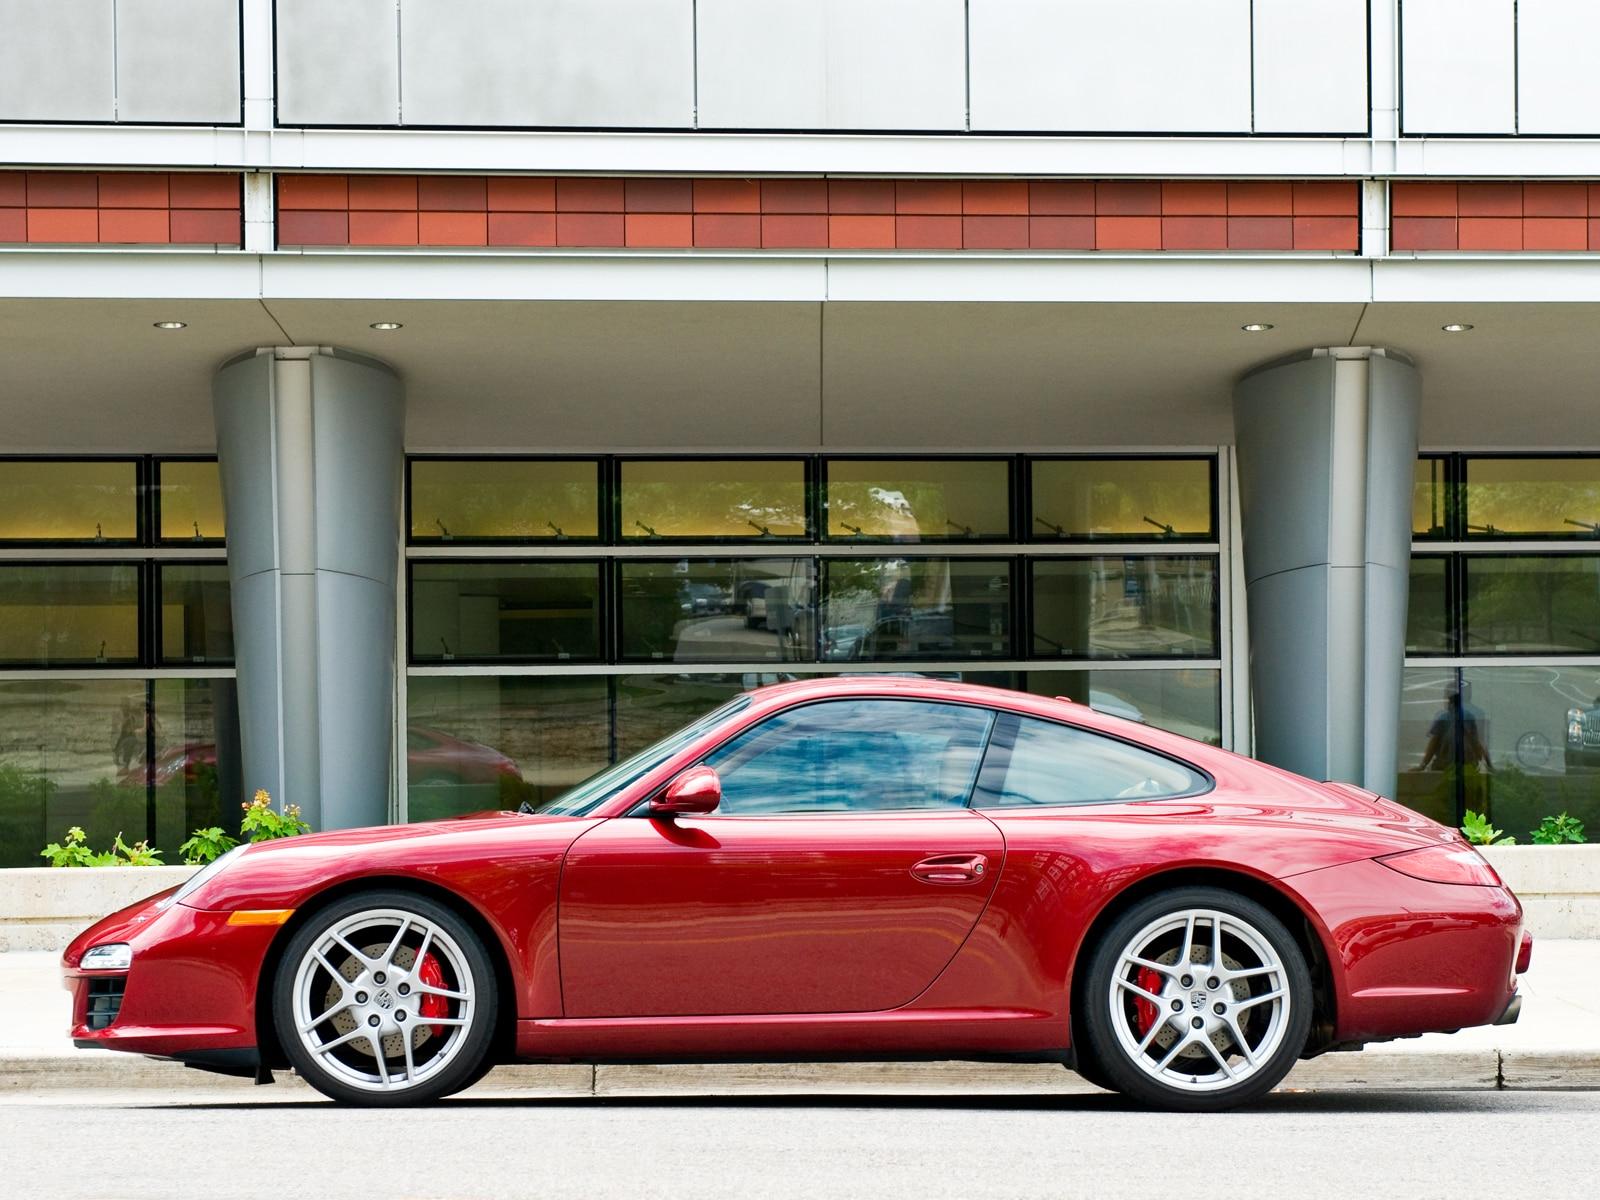 2009 Porsche 911 Carrera S - Porshe Sport Coupe Review - Automobile Magazine